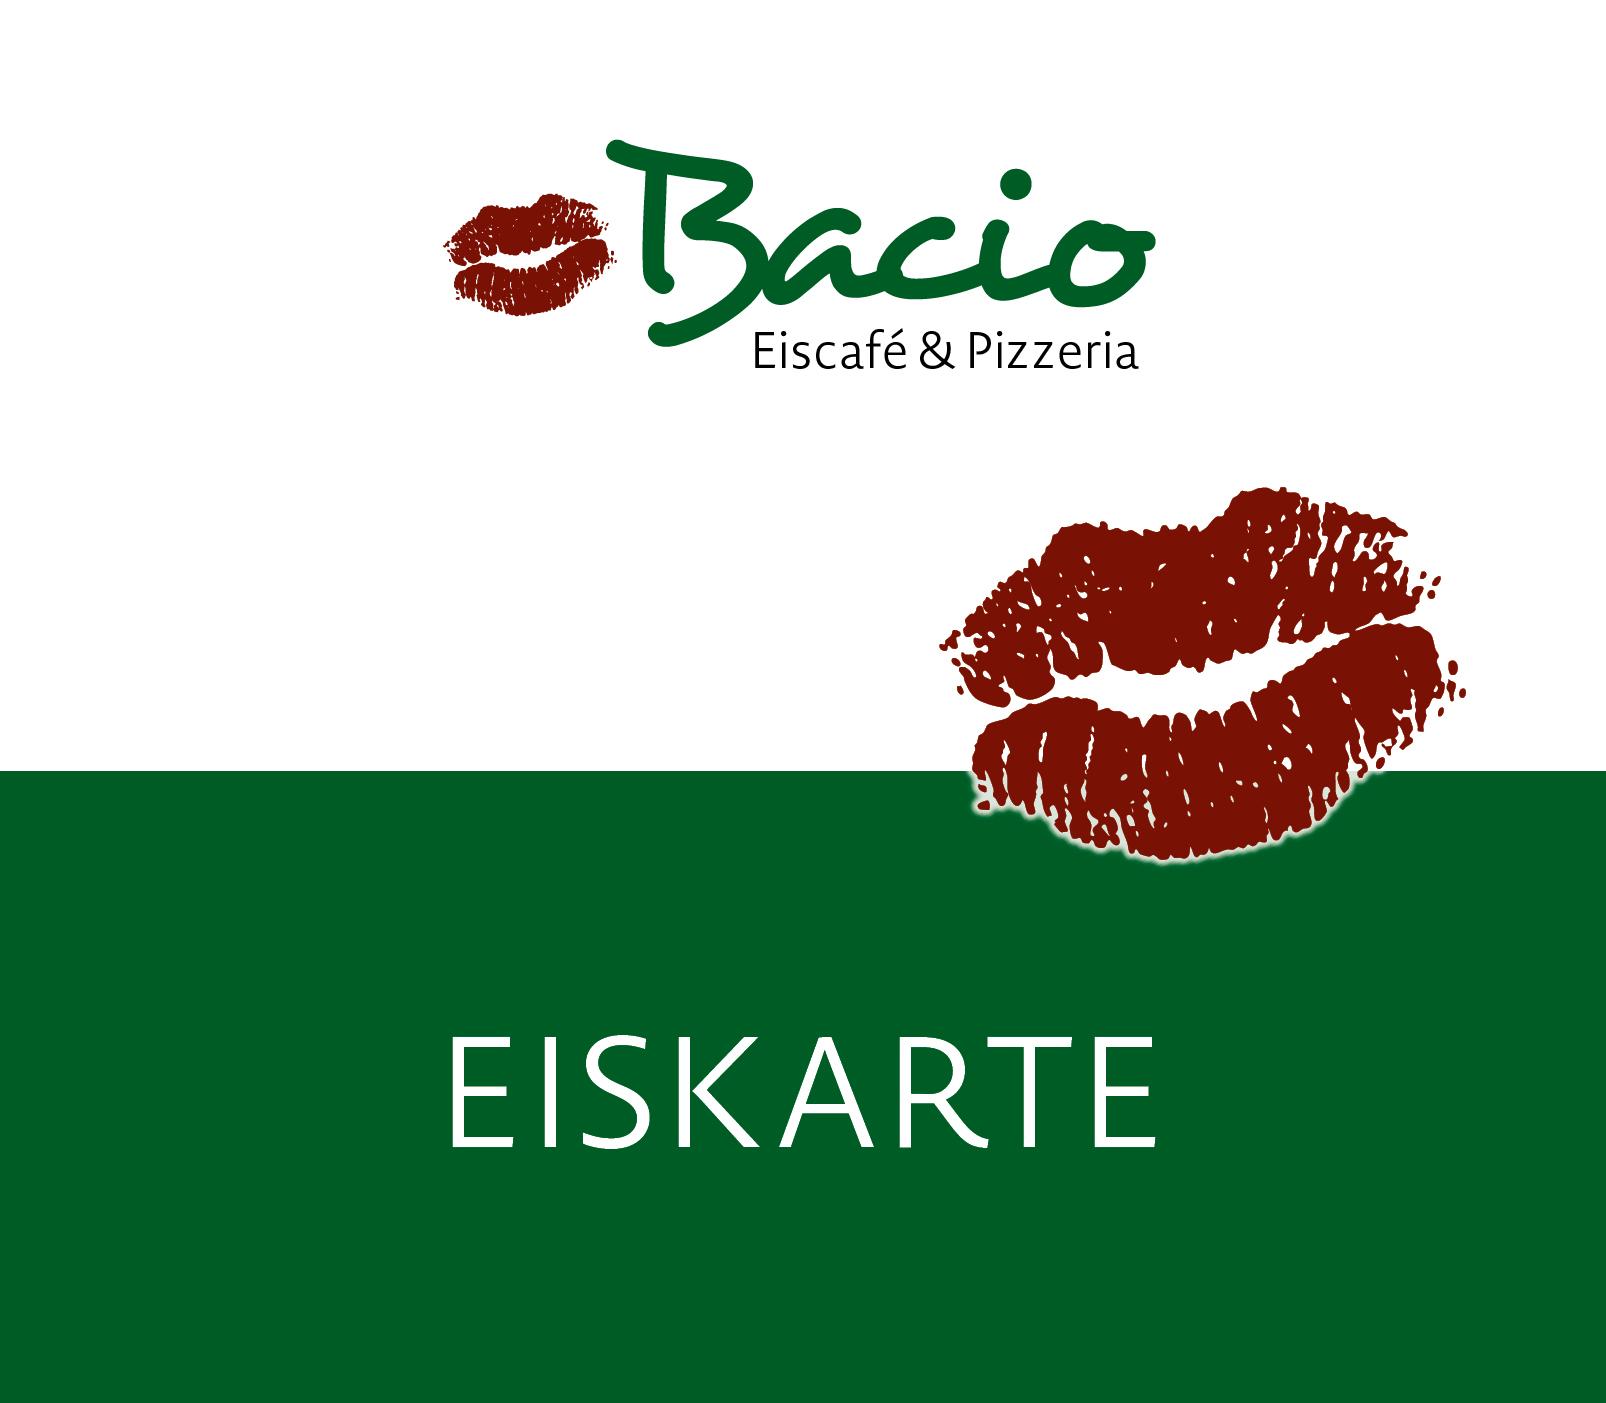 Bacio Eiskarte